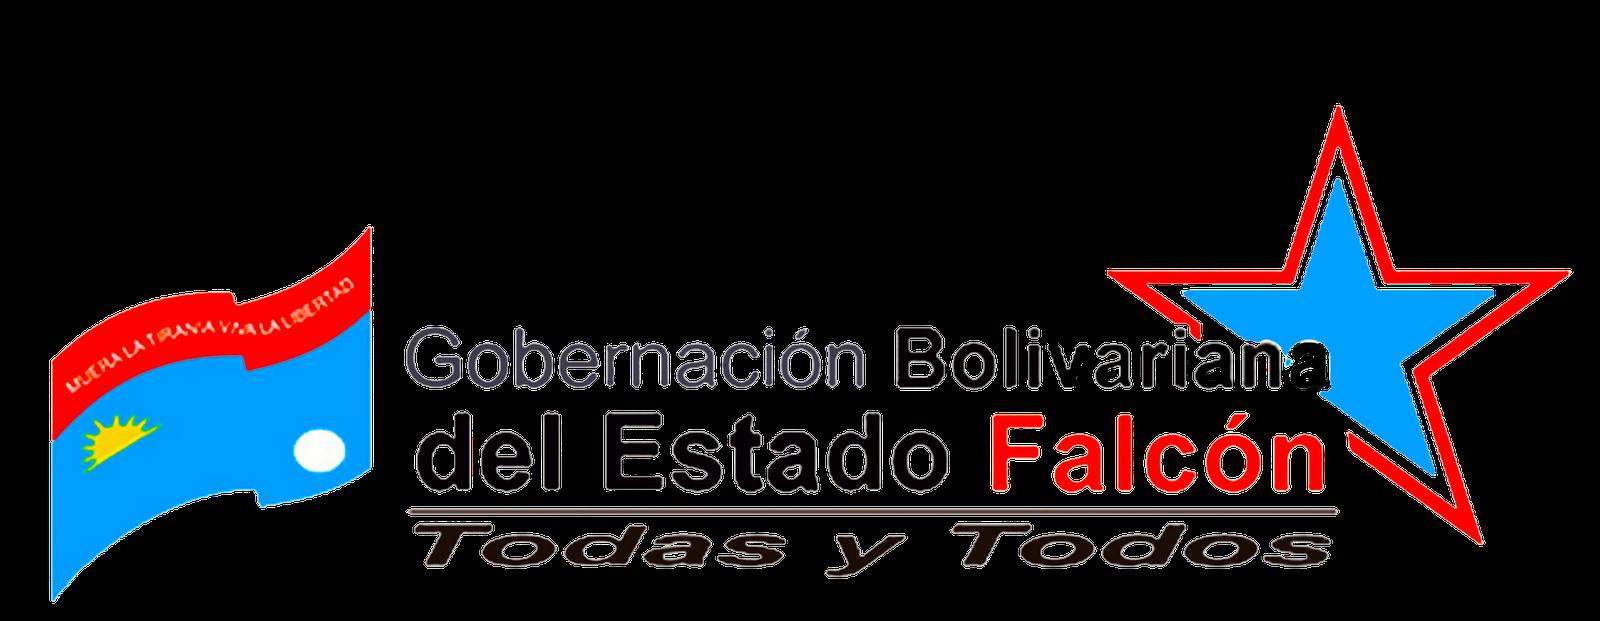 GOBERNACIÓN BOLIVARIANA DEL ESTADO FALCÓN